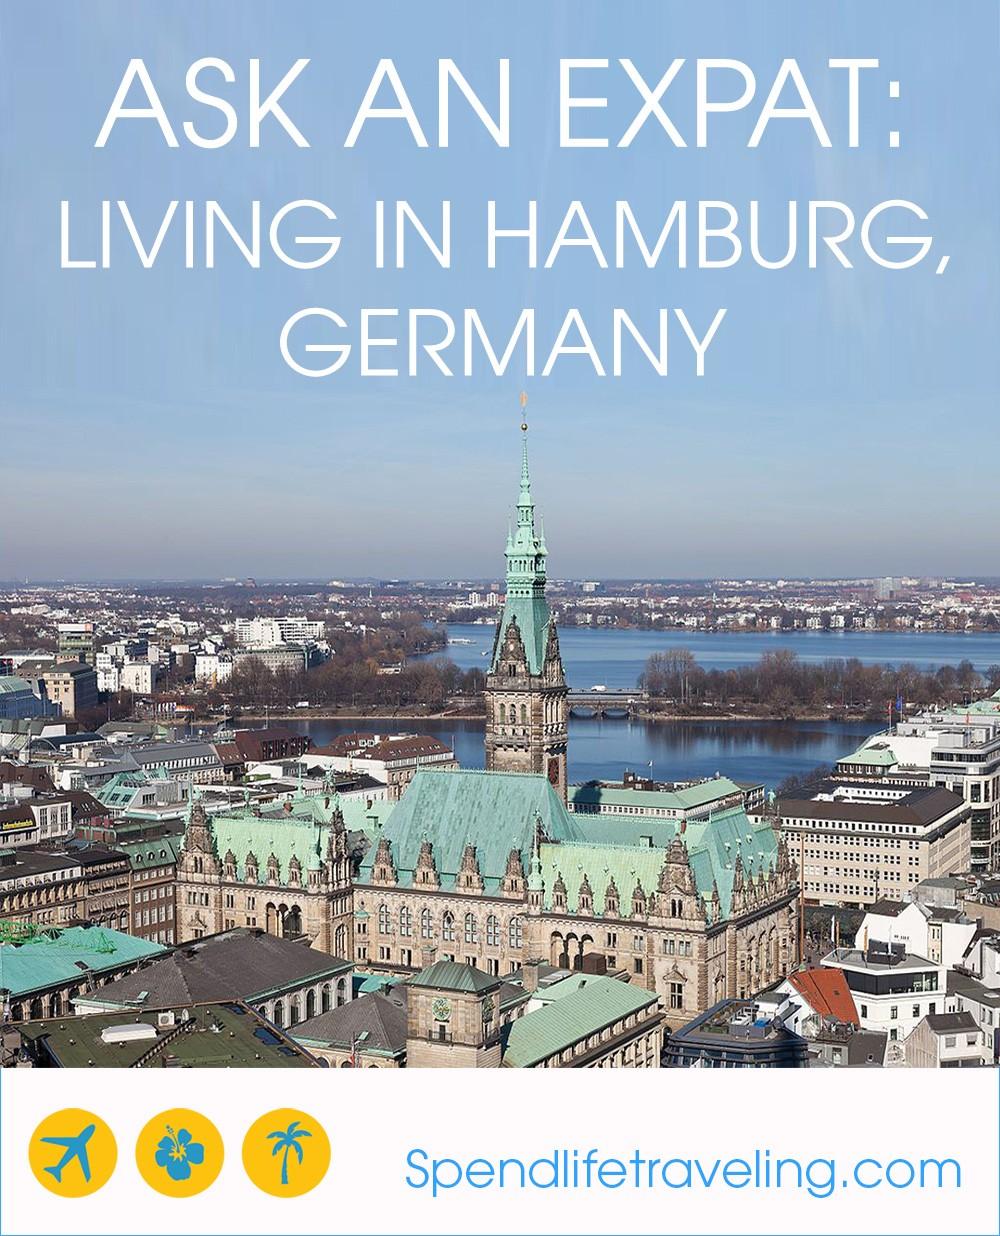 expat life in Hamburg, Germany